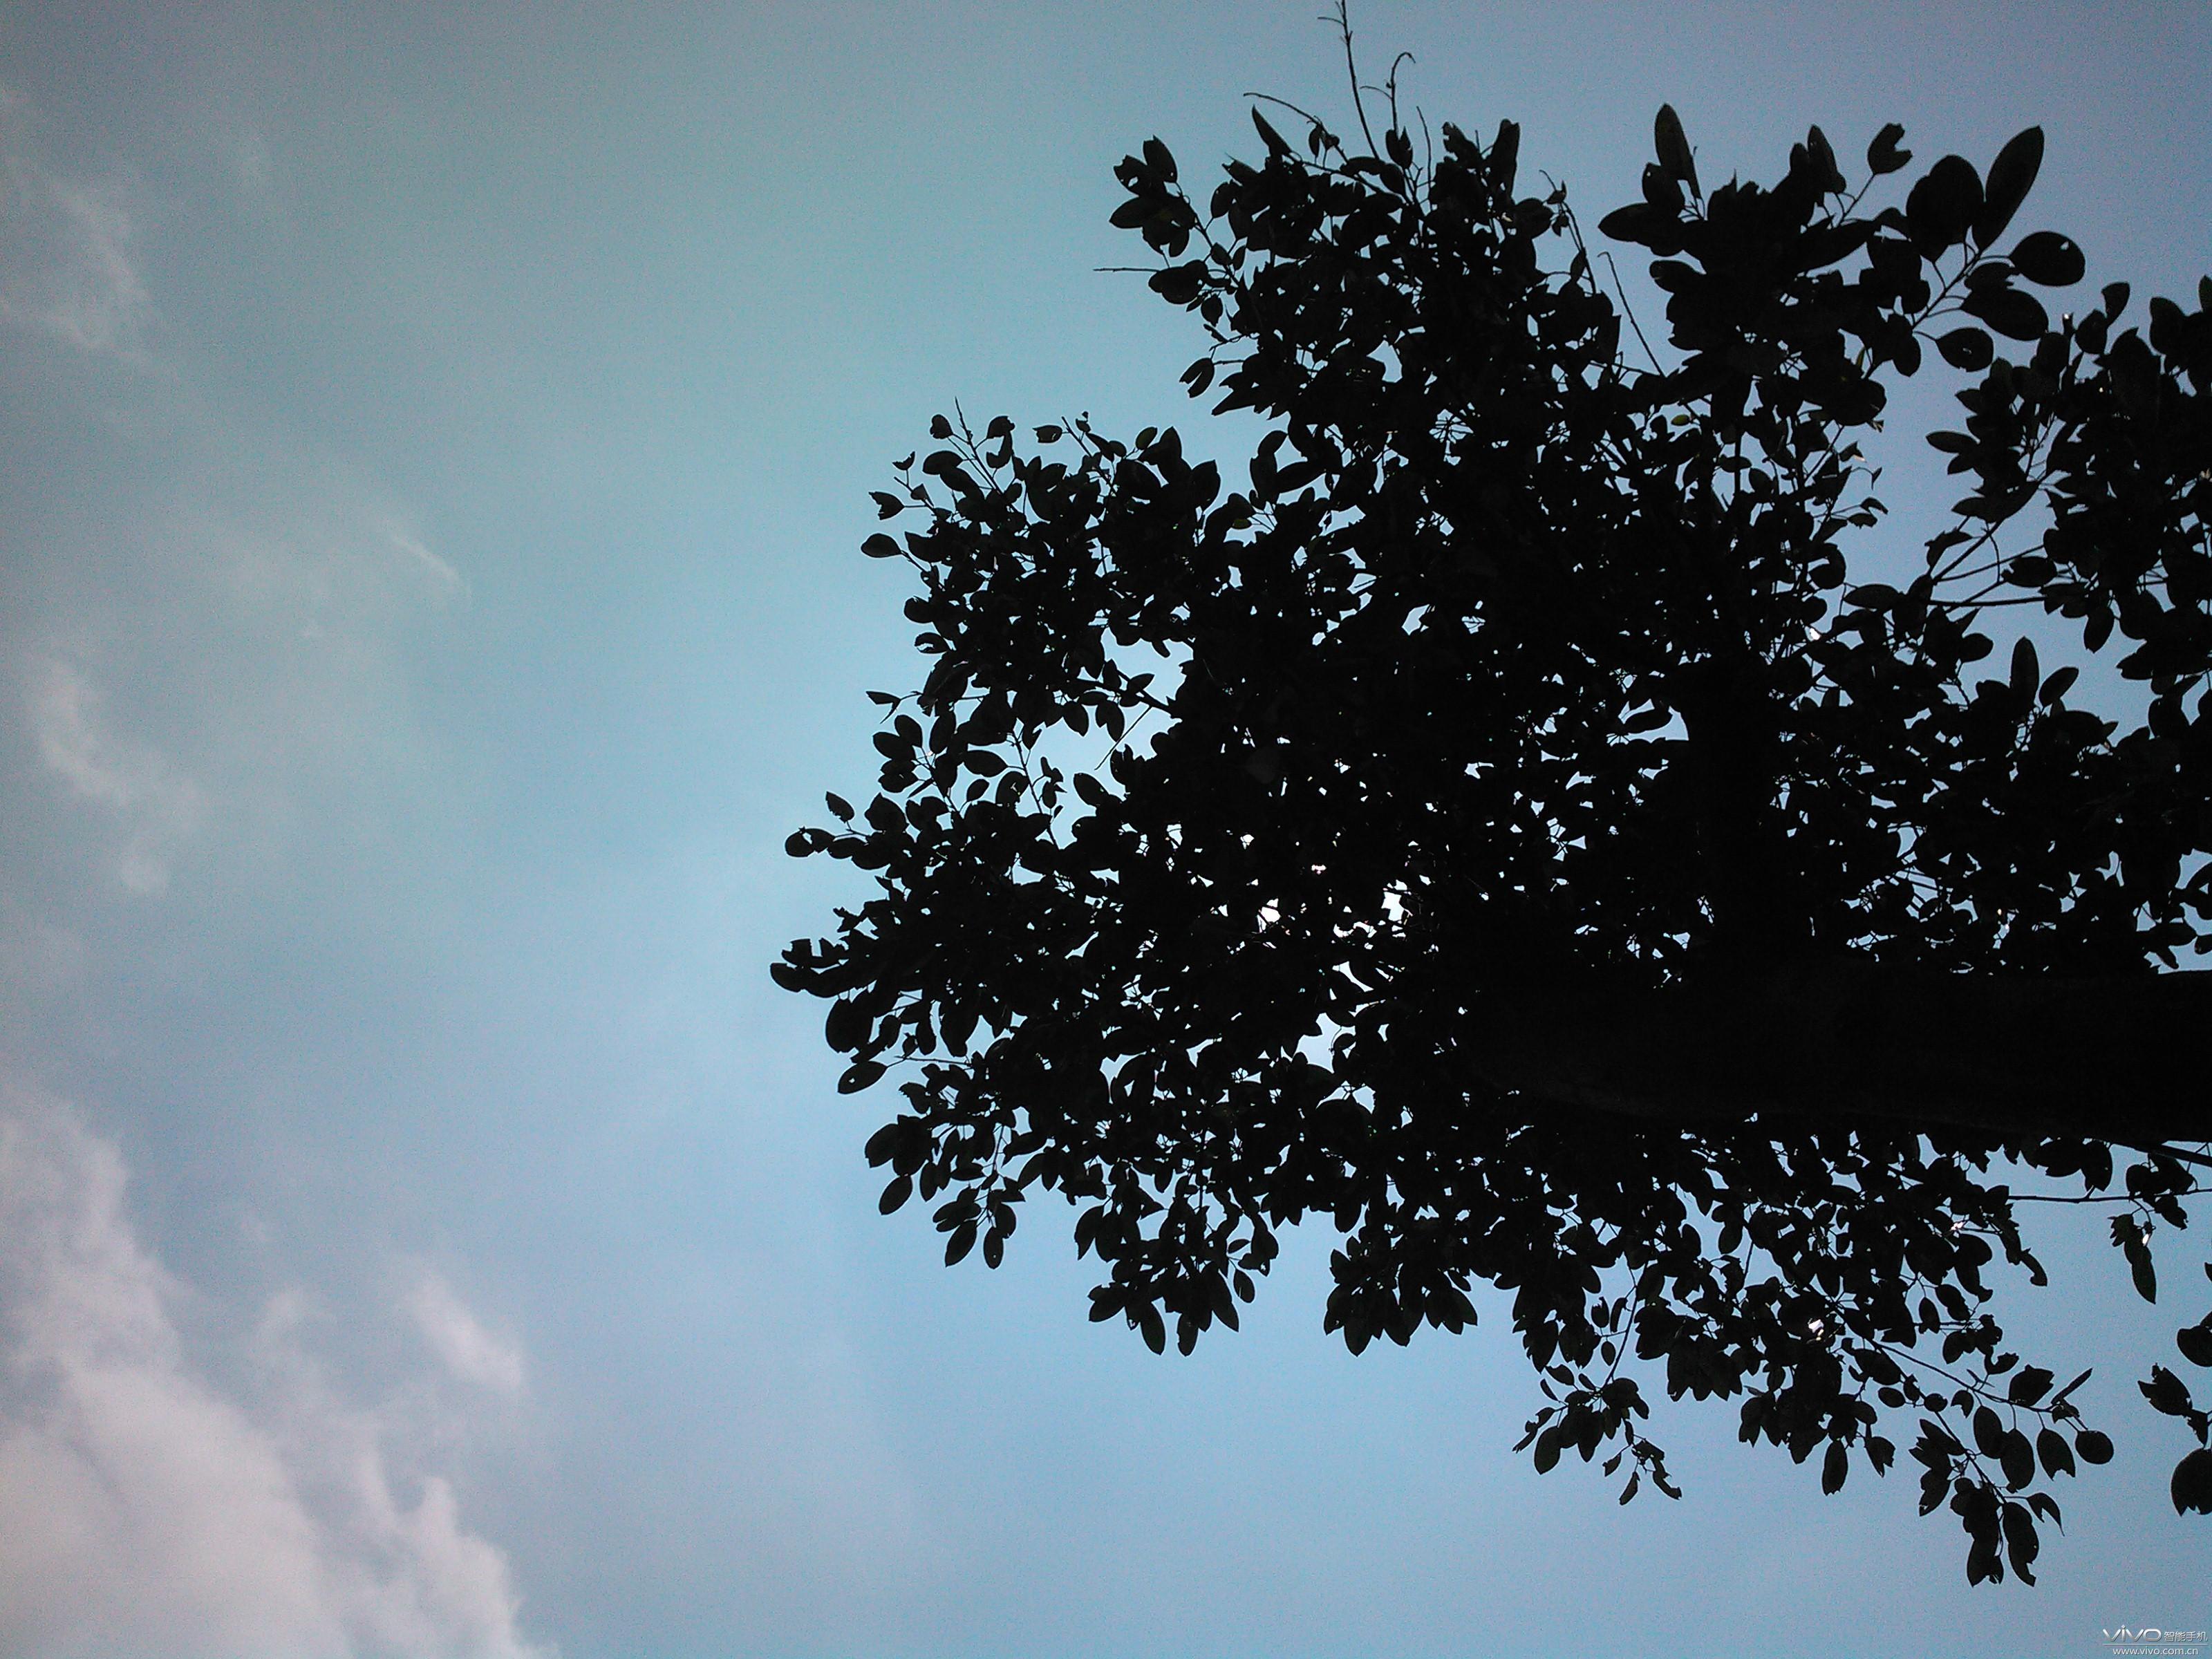 拍摄地点:广州海珠湖公园 拍摄时间:大概上午10点到12点之间 拍摄设备:vivo S1 拍摄尺寸:3200x2400像素 点评:S1 的逆光拍摄,依然如此给力!! ---------------------------------------------------------------------------- 这是一家茶店,古朴屋檐的一角,悬挂着的,是一串红灯笼,阳光直射而下,屋檐的轮廓更显清晰,随风飘荡的红灯笼,与天空的蓝色对比是那么的强烈。不知道为什么,看到灯笼上的茶字,我想到的不是茶,而是茶